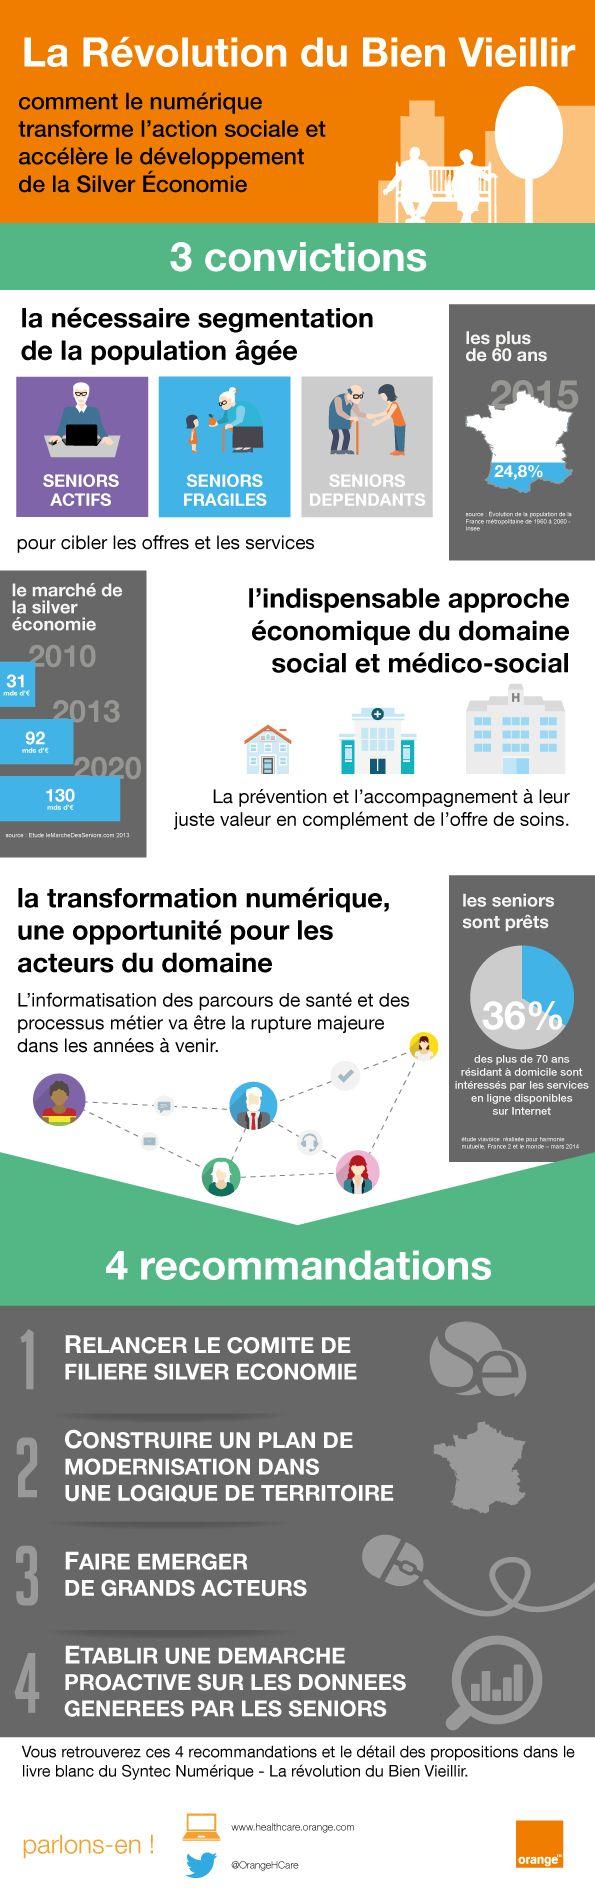 [infographie] la révolution du bien vieillir | Orange Business Services